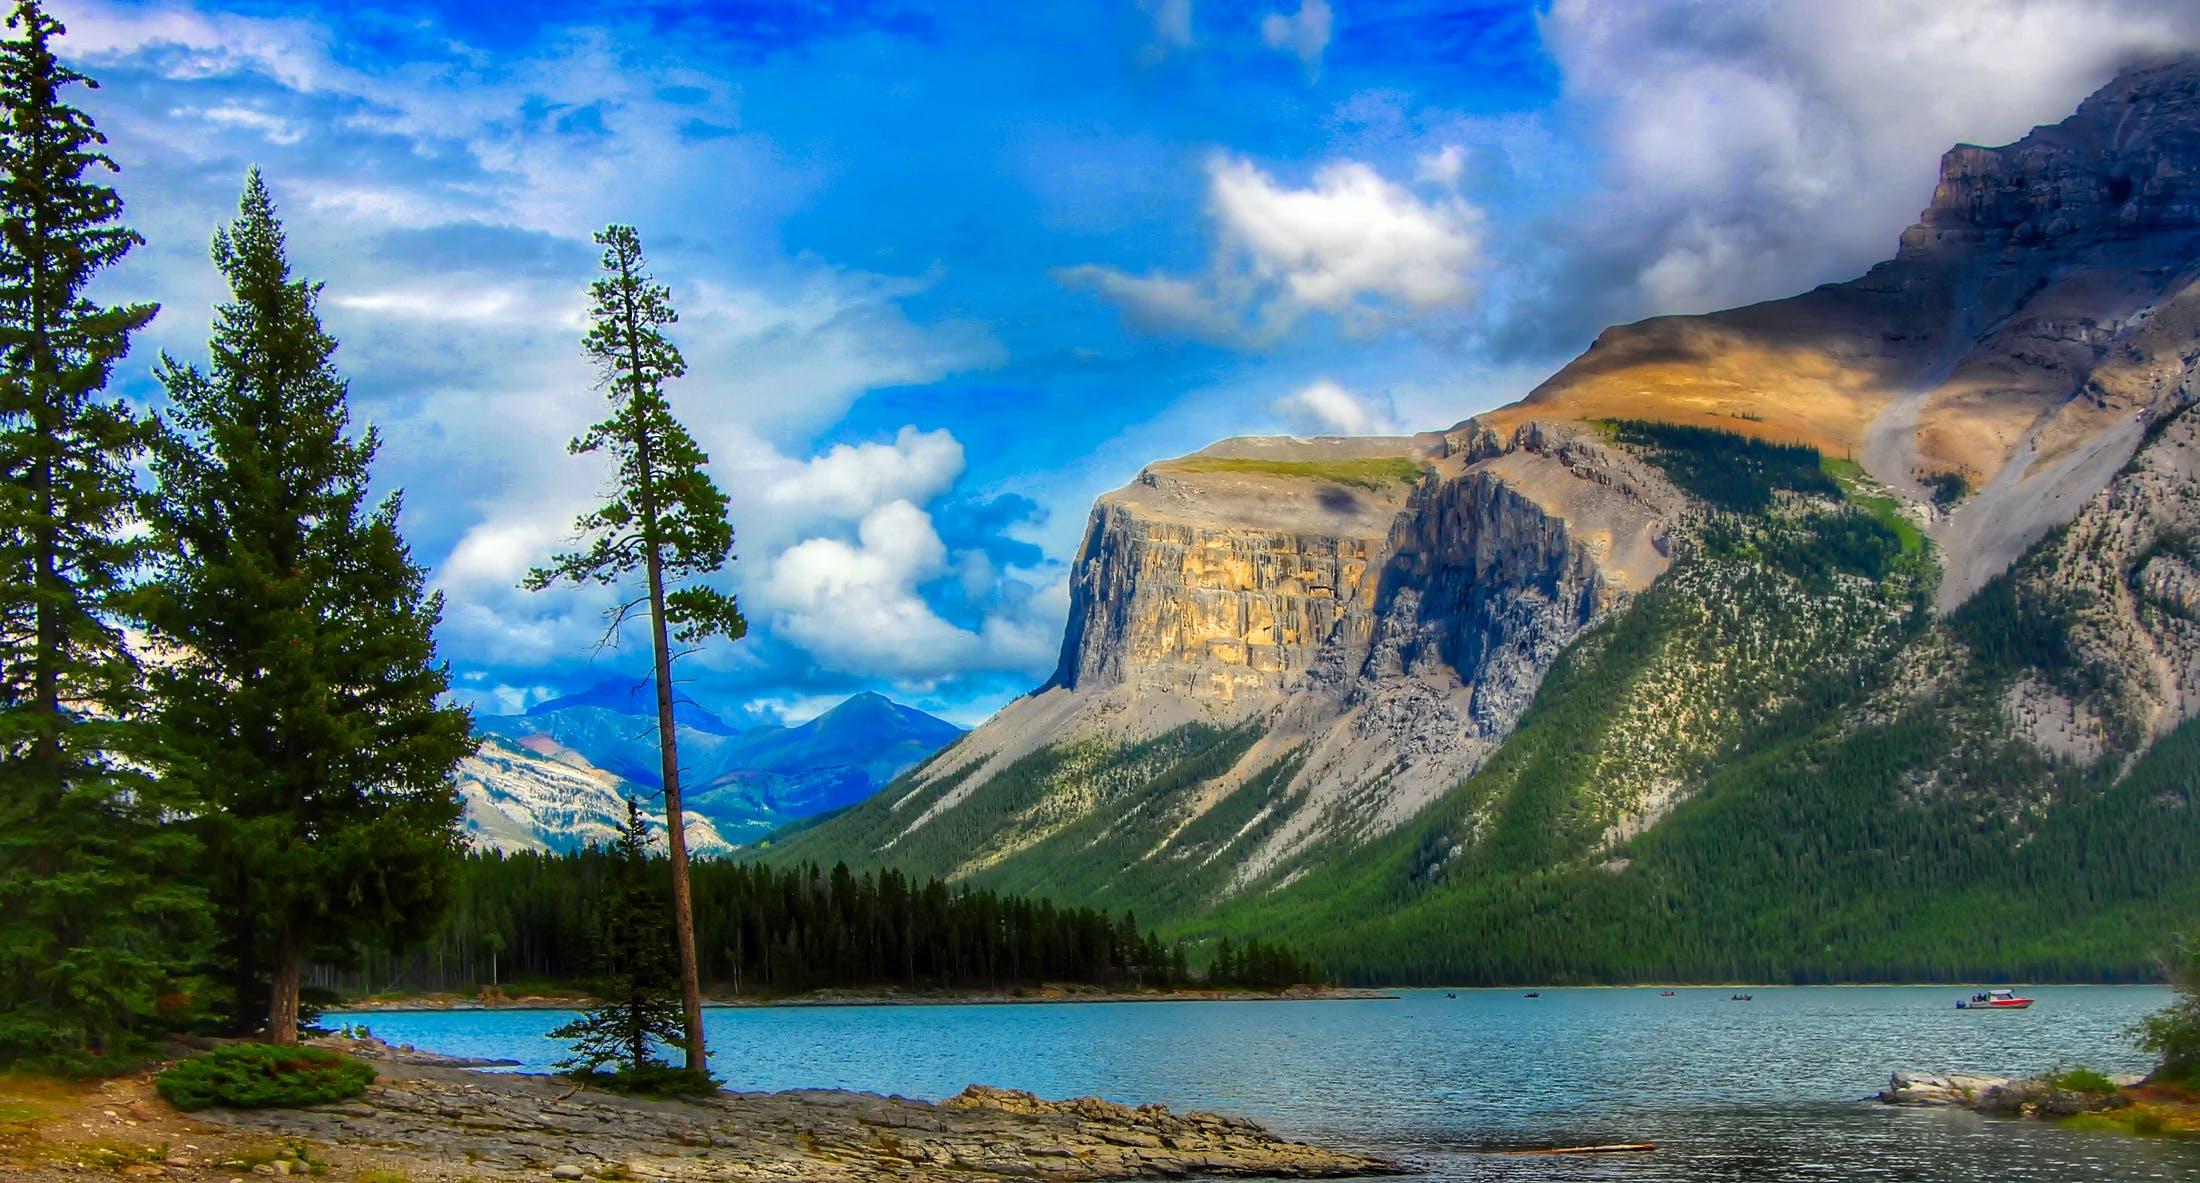 abenteuer, bäume, berg